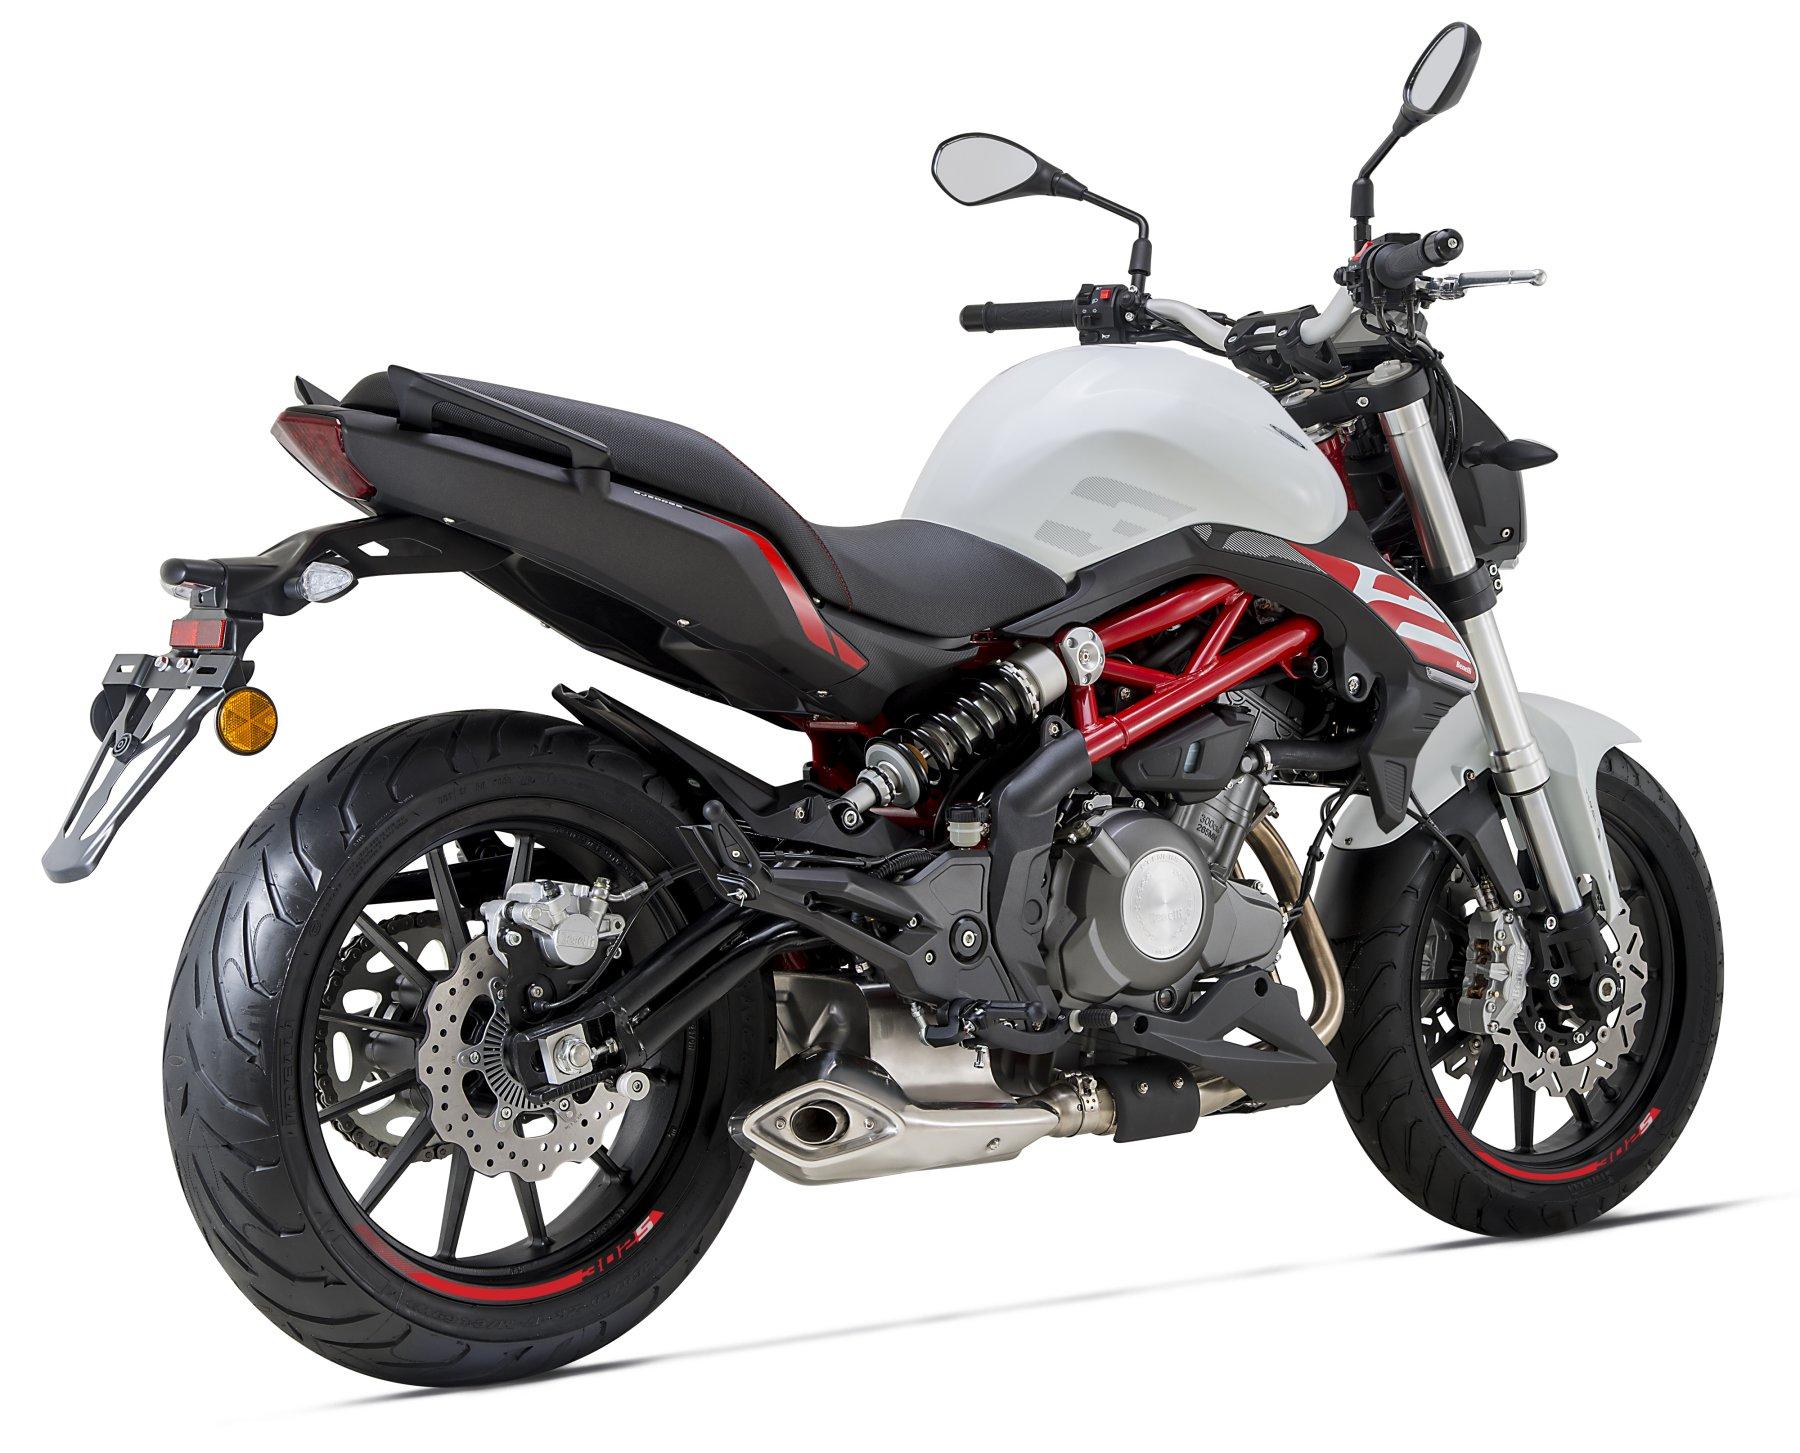 Gebrauchte und neue Benelli BN 302 Motorräder kaufen